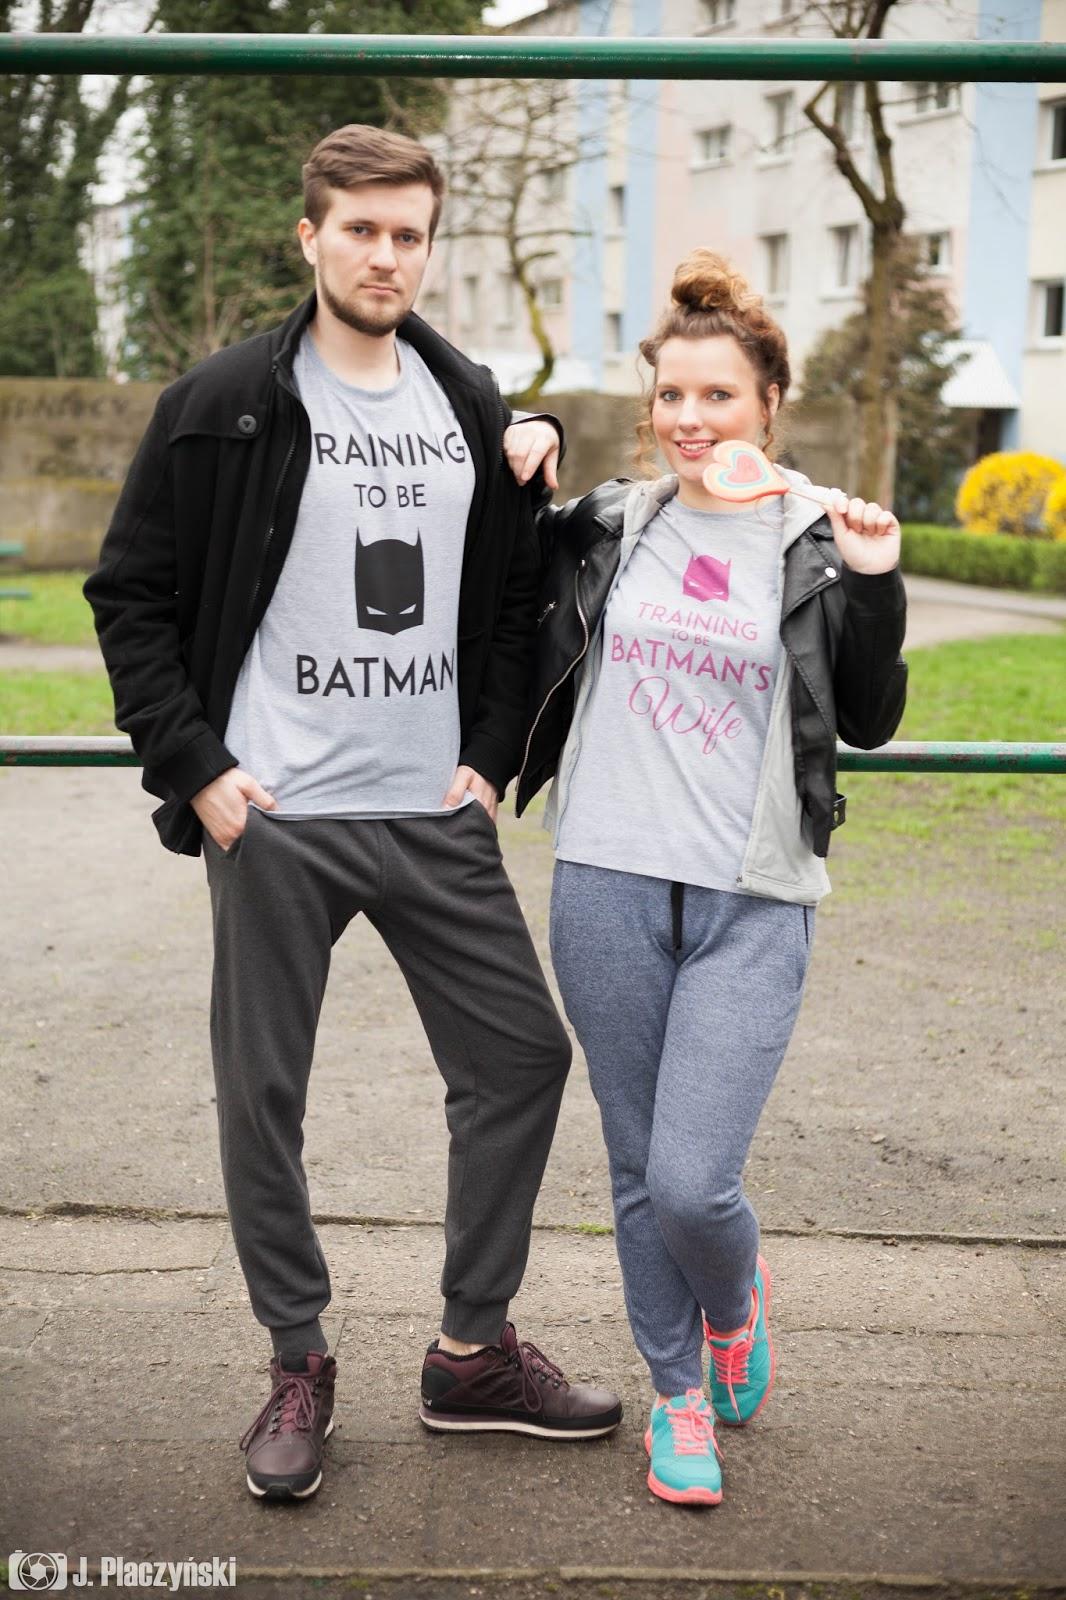 training to be batman and training to be batmans wife koszulki sportowe dla par dziewczyna chlopak milosc koszulove